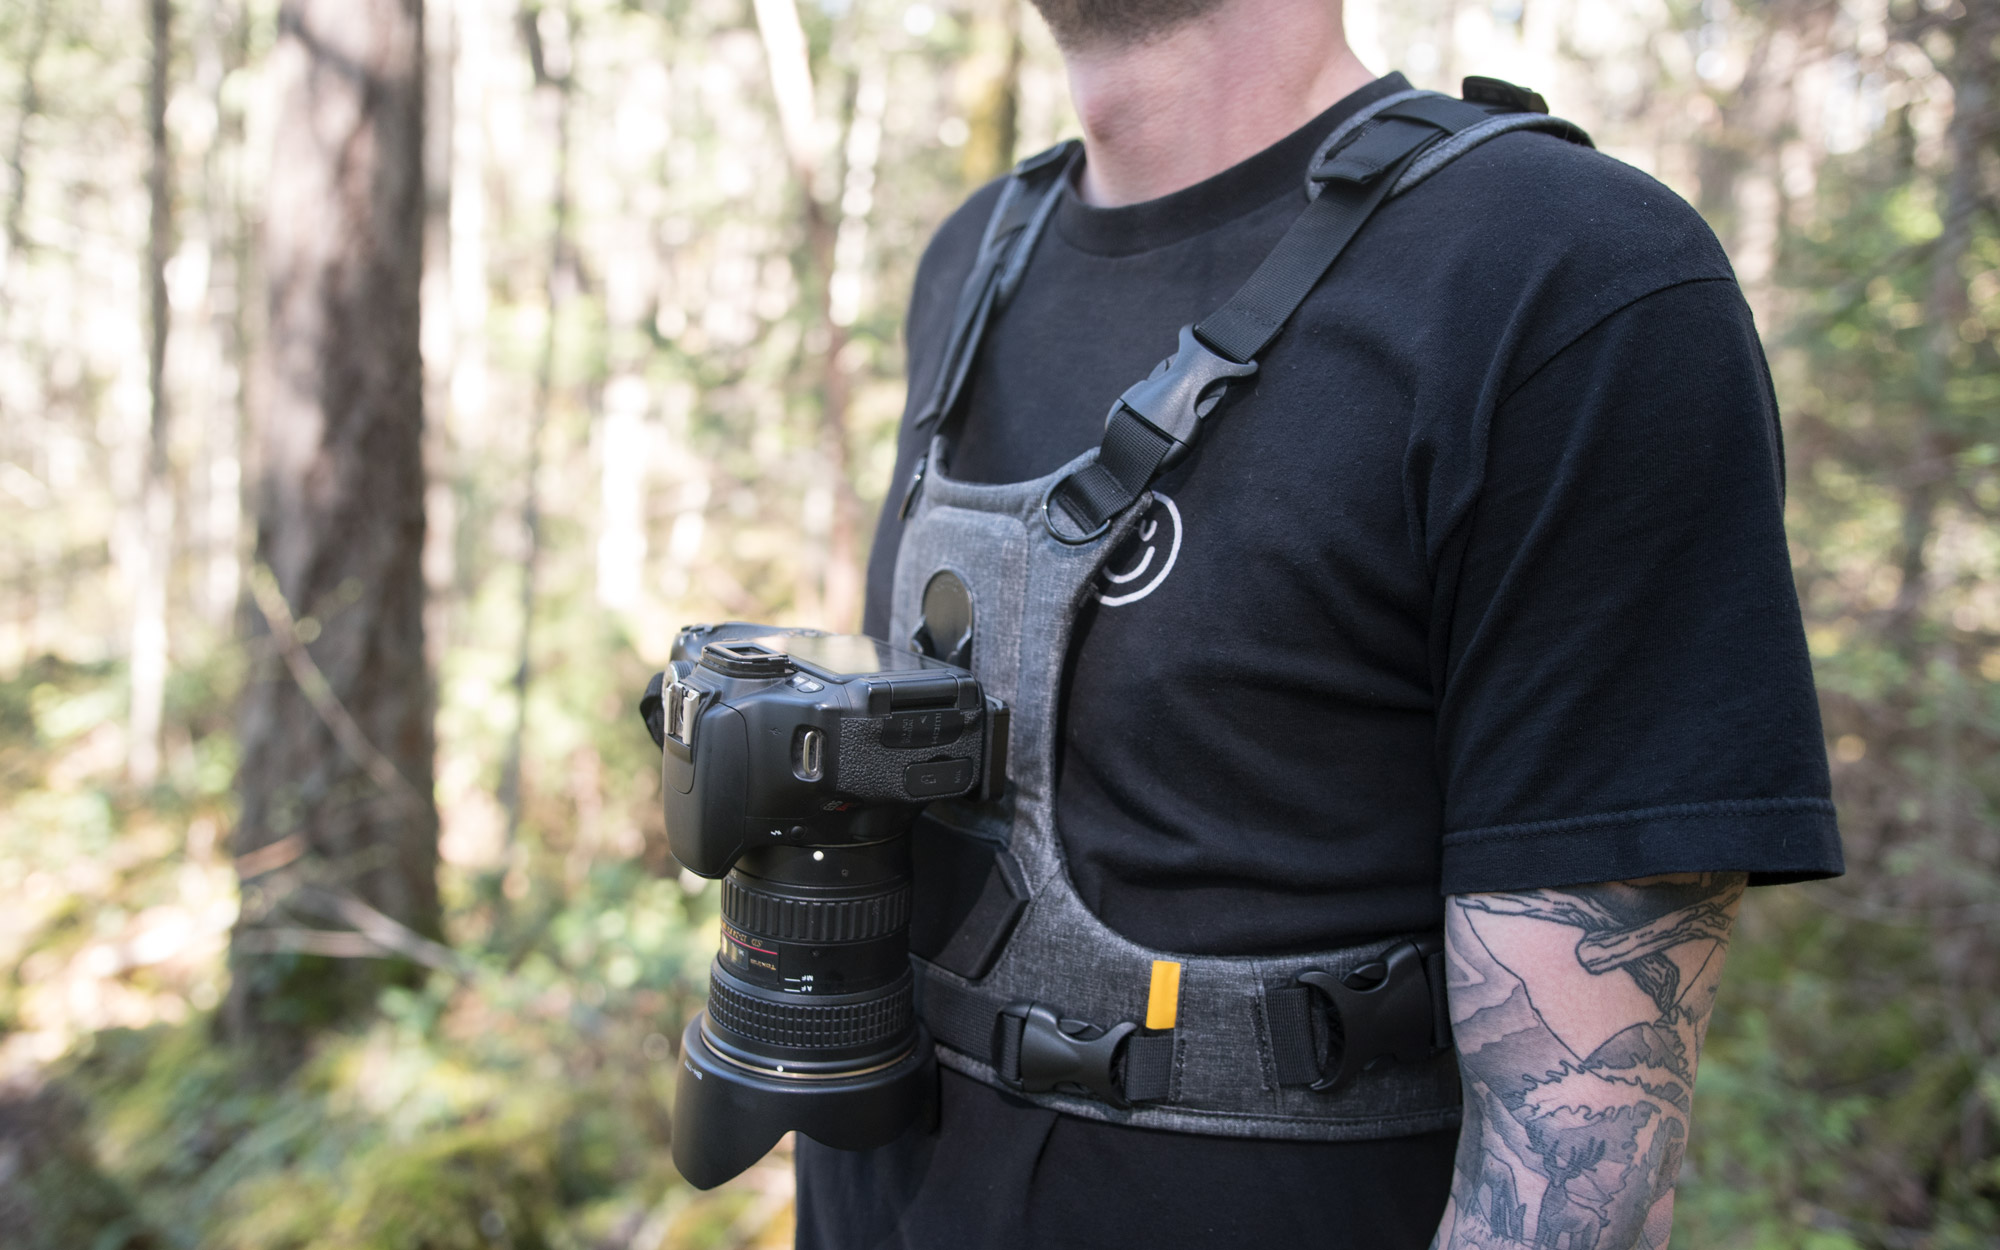 cotton carrier camera vest review